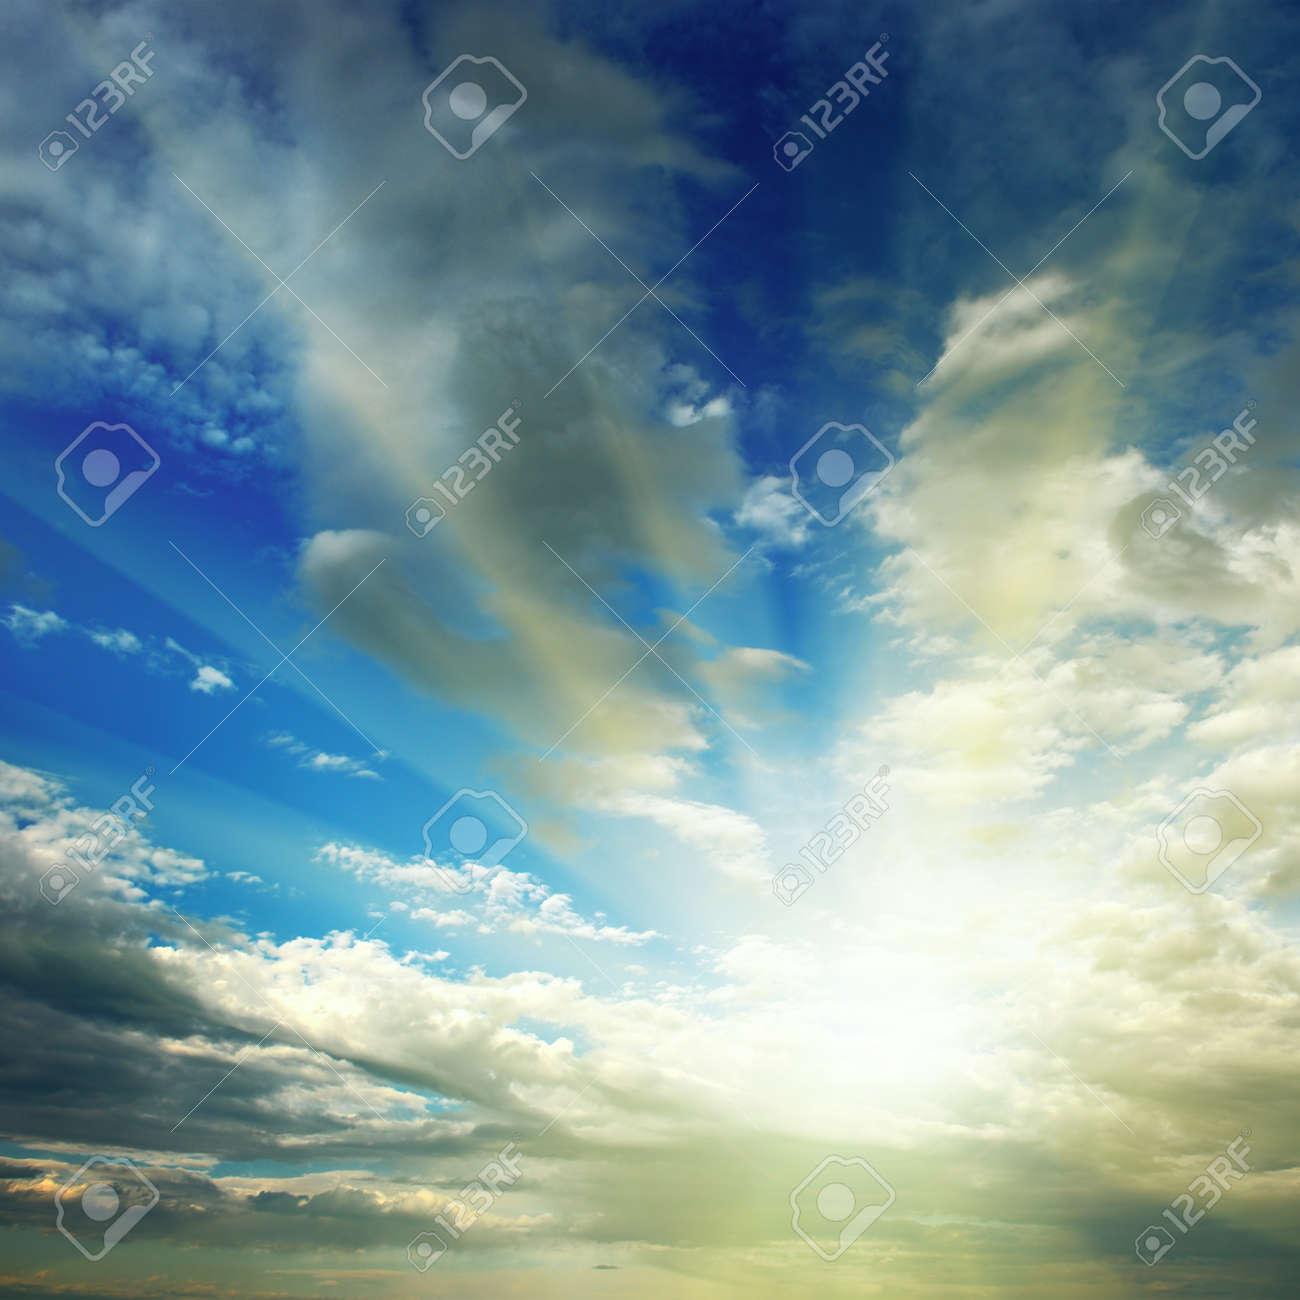 sun on blue sky - 14809962